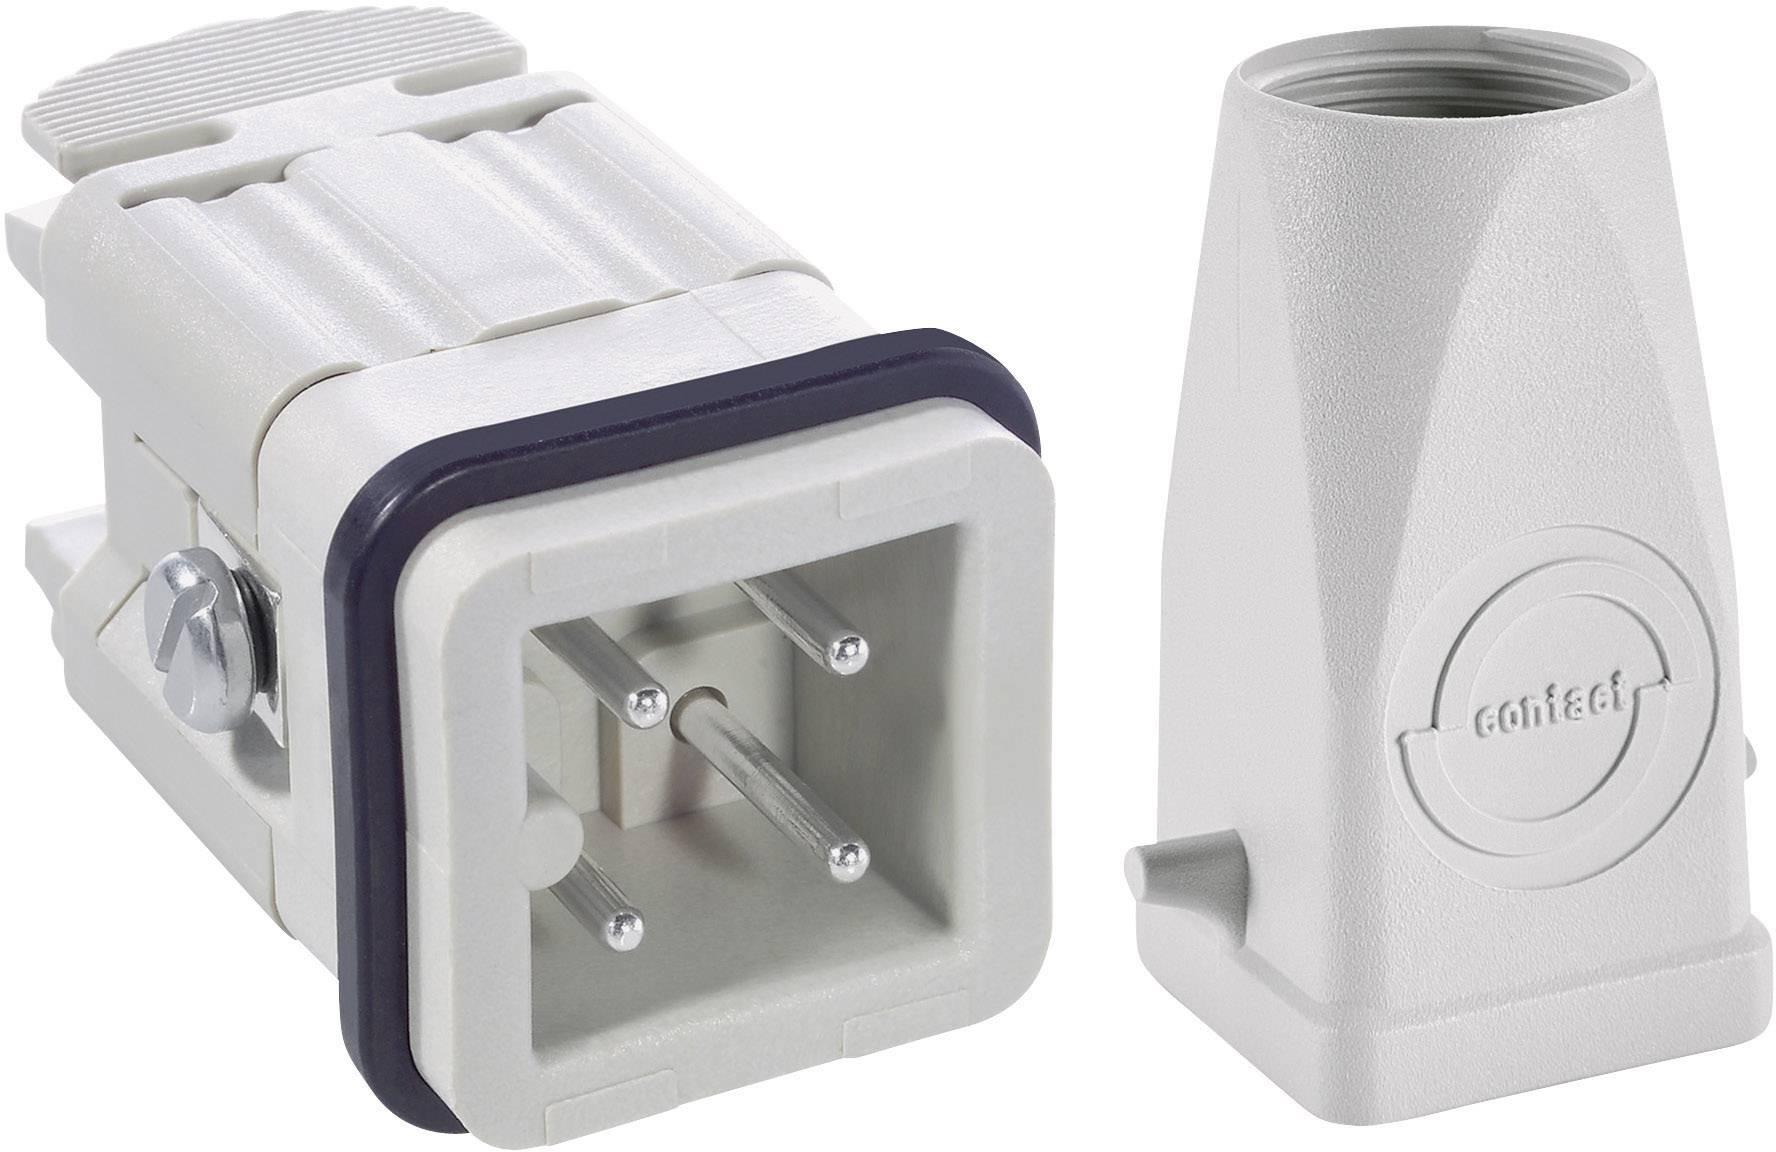 Sada konektorů EPIC®KIT H-A 3 75009601 LappKabel 3 + PE šroubovací 1 sada